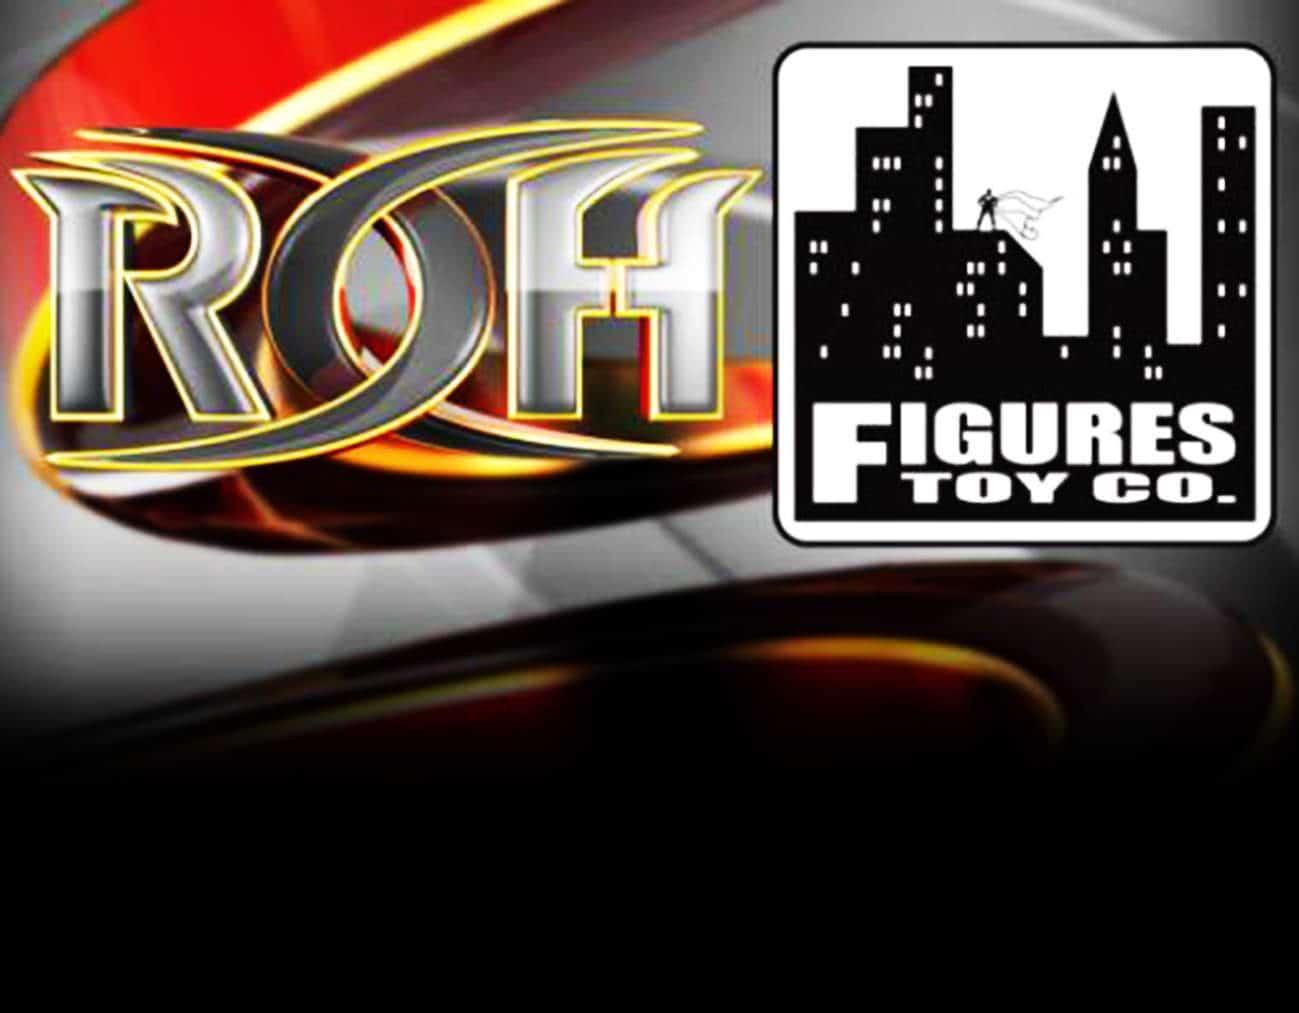 ROH lanzará las figuras de acción de sus estrellas 1